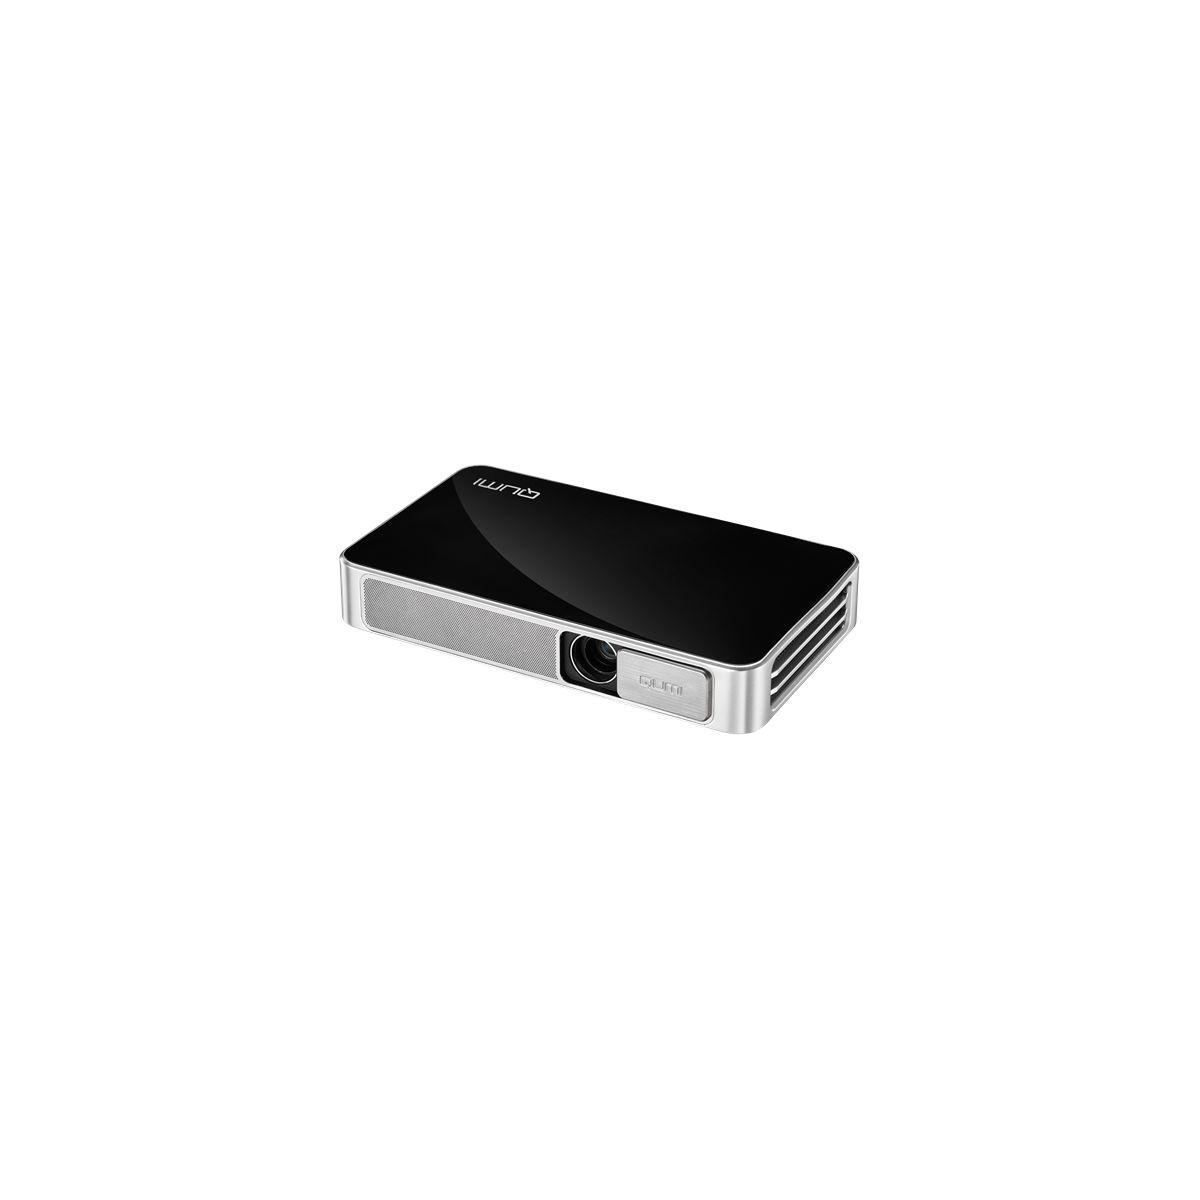 Projecteur vivitek qumi q3 plus noir (photo)